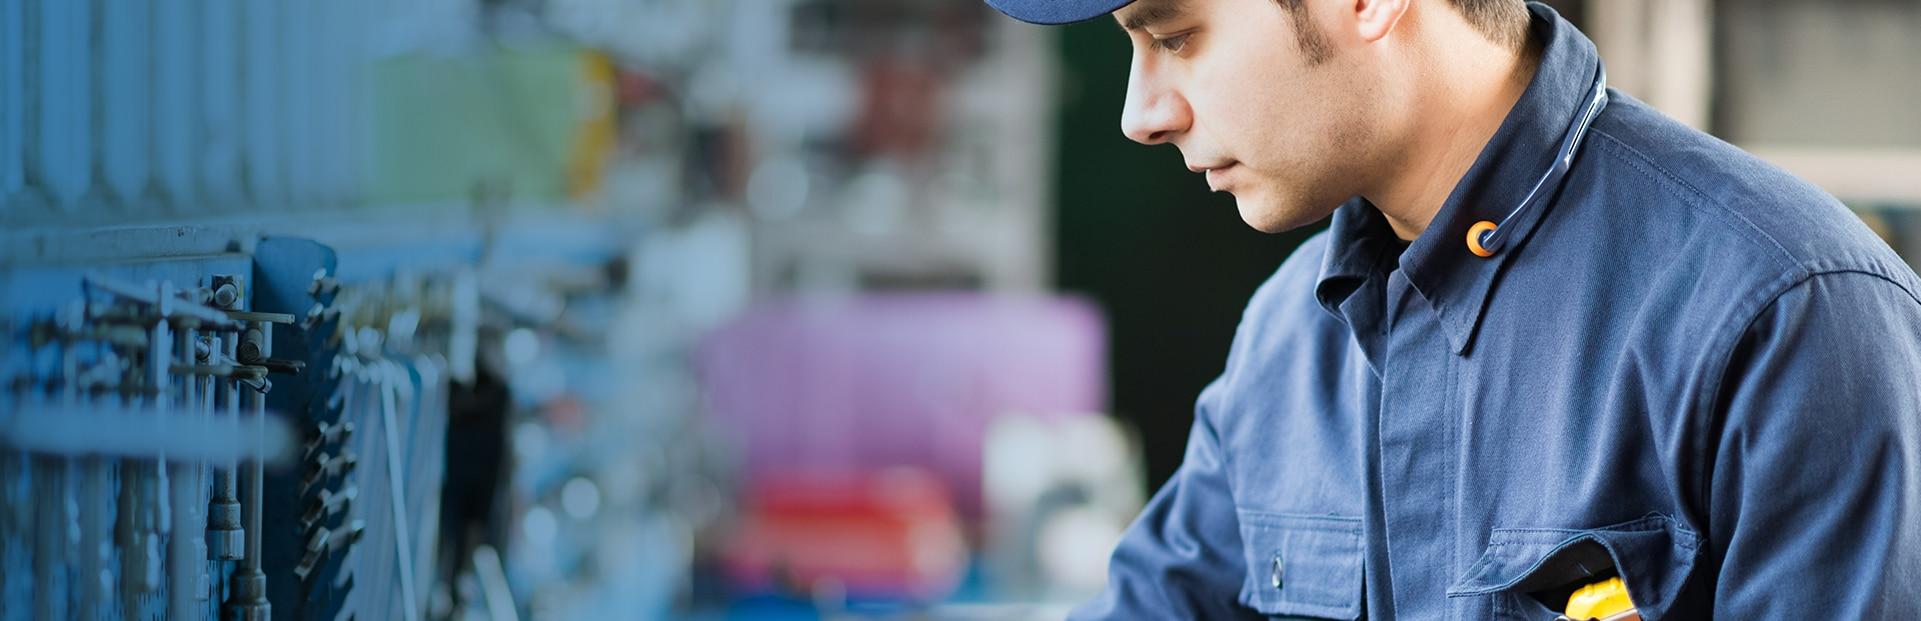 slider vêtement de travail personnalisé sécurité